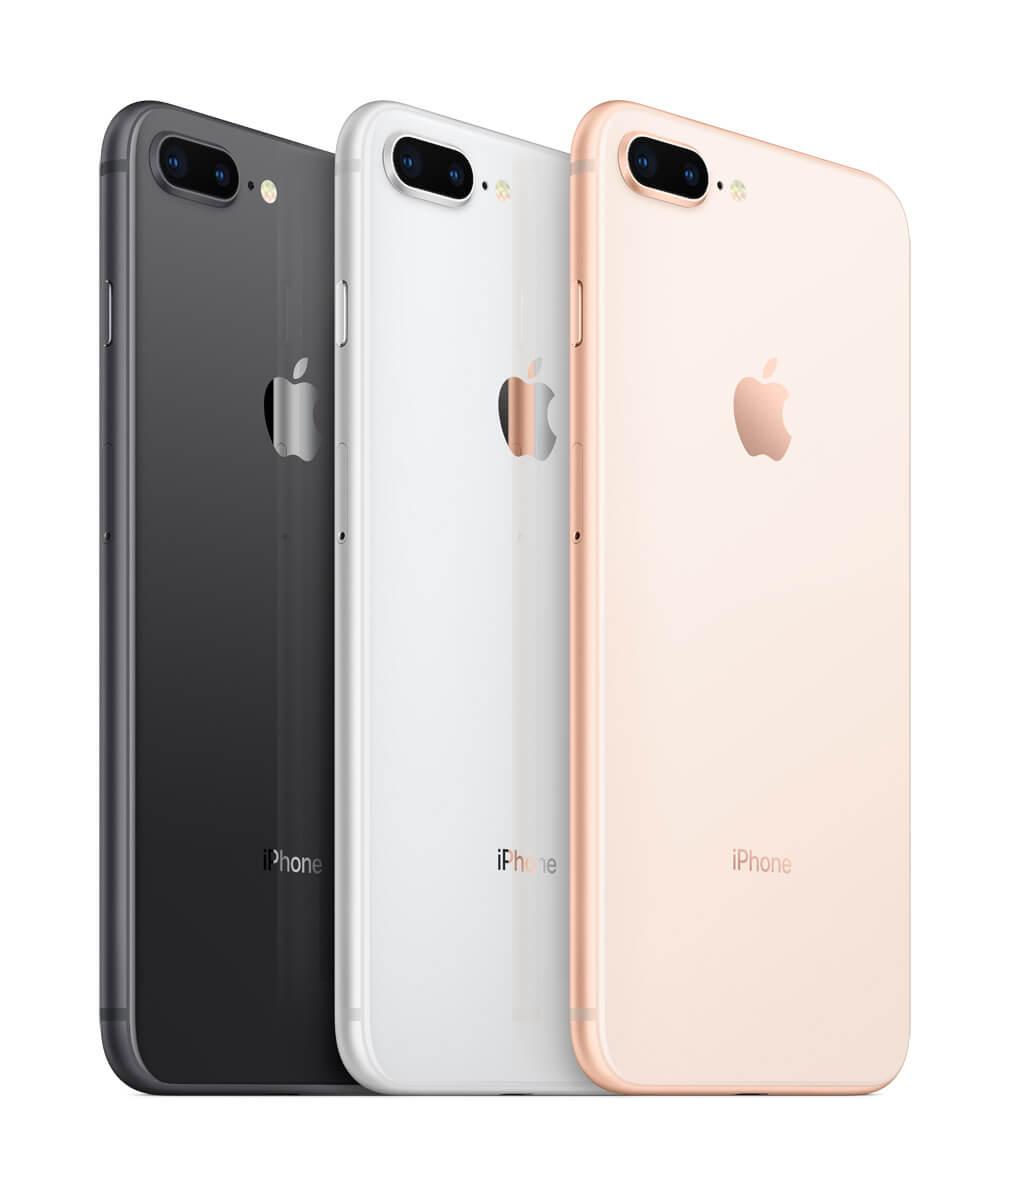 iPhone8Plus-Lockup-Facebook